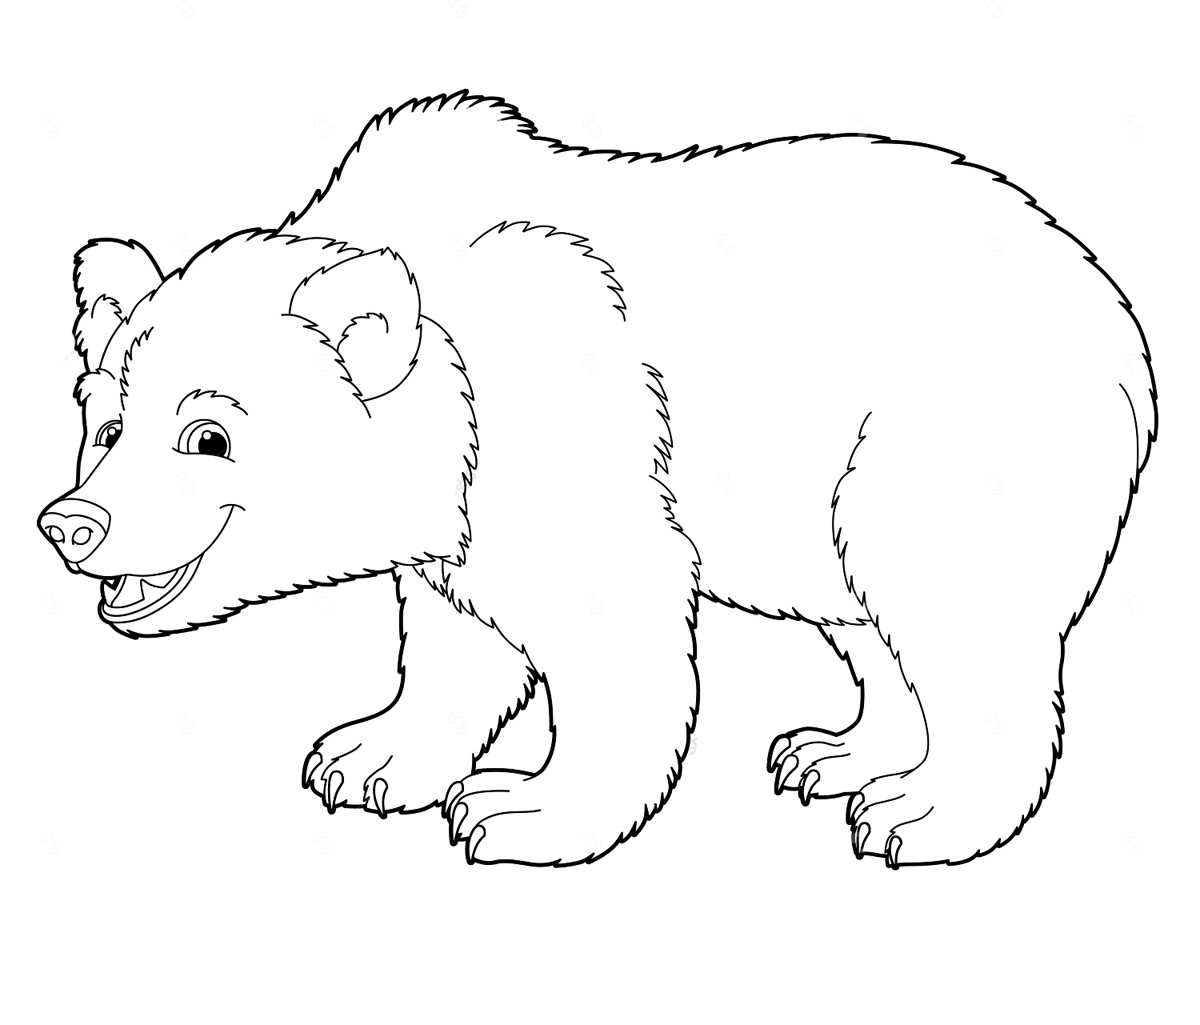 Картинка Раскраска Медведь